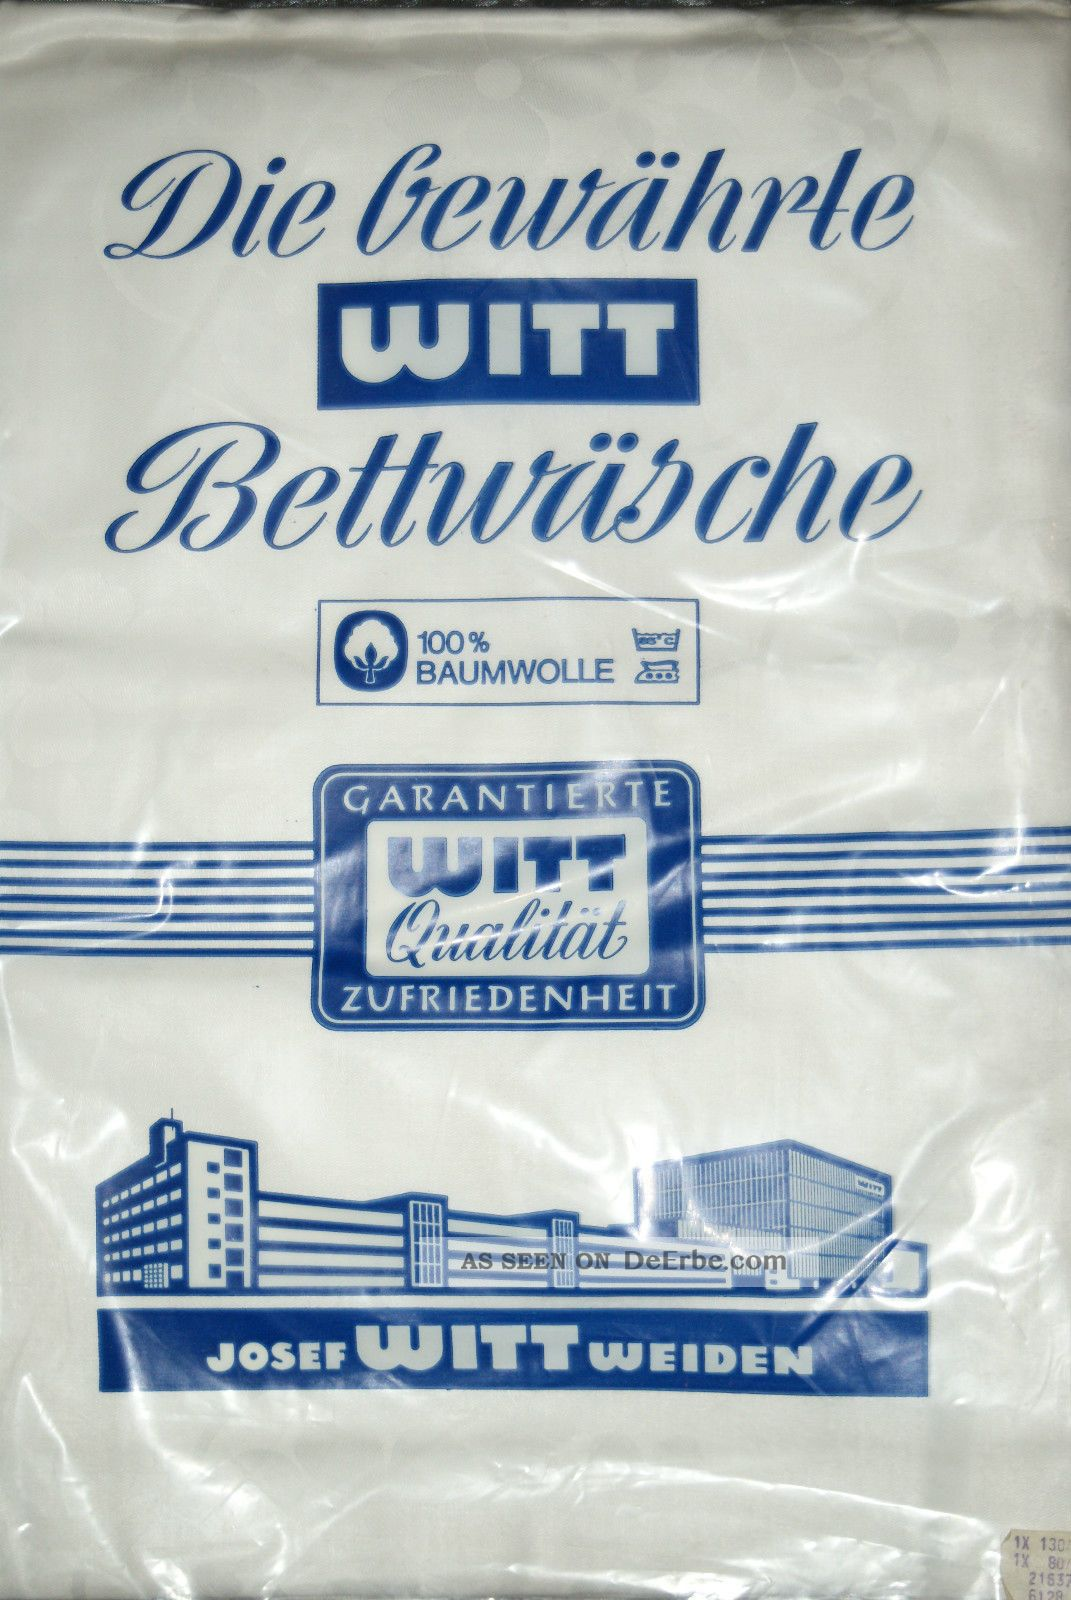 Und Ovp Luxus Damast Brokat Bettwäsche 4 Tlg Glänzend Aussteuer Witt